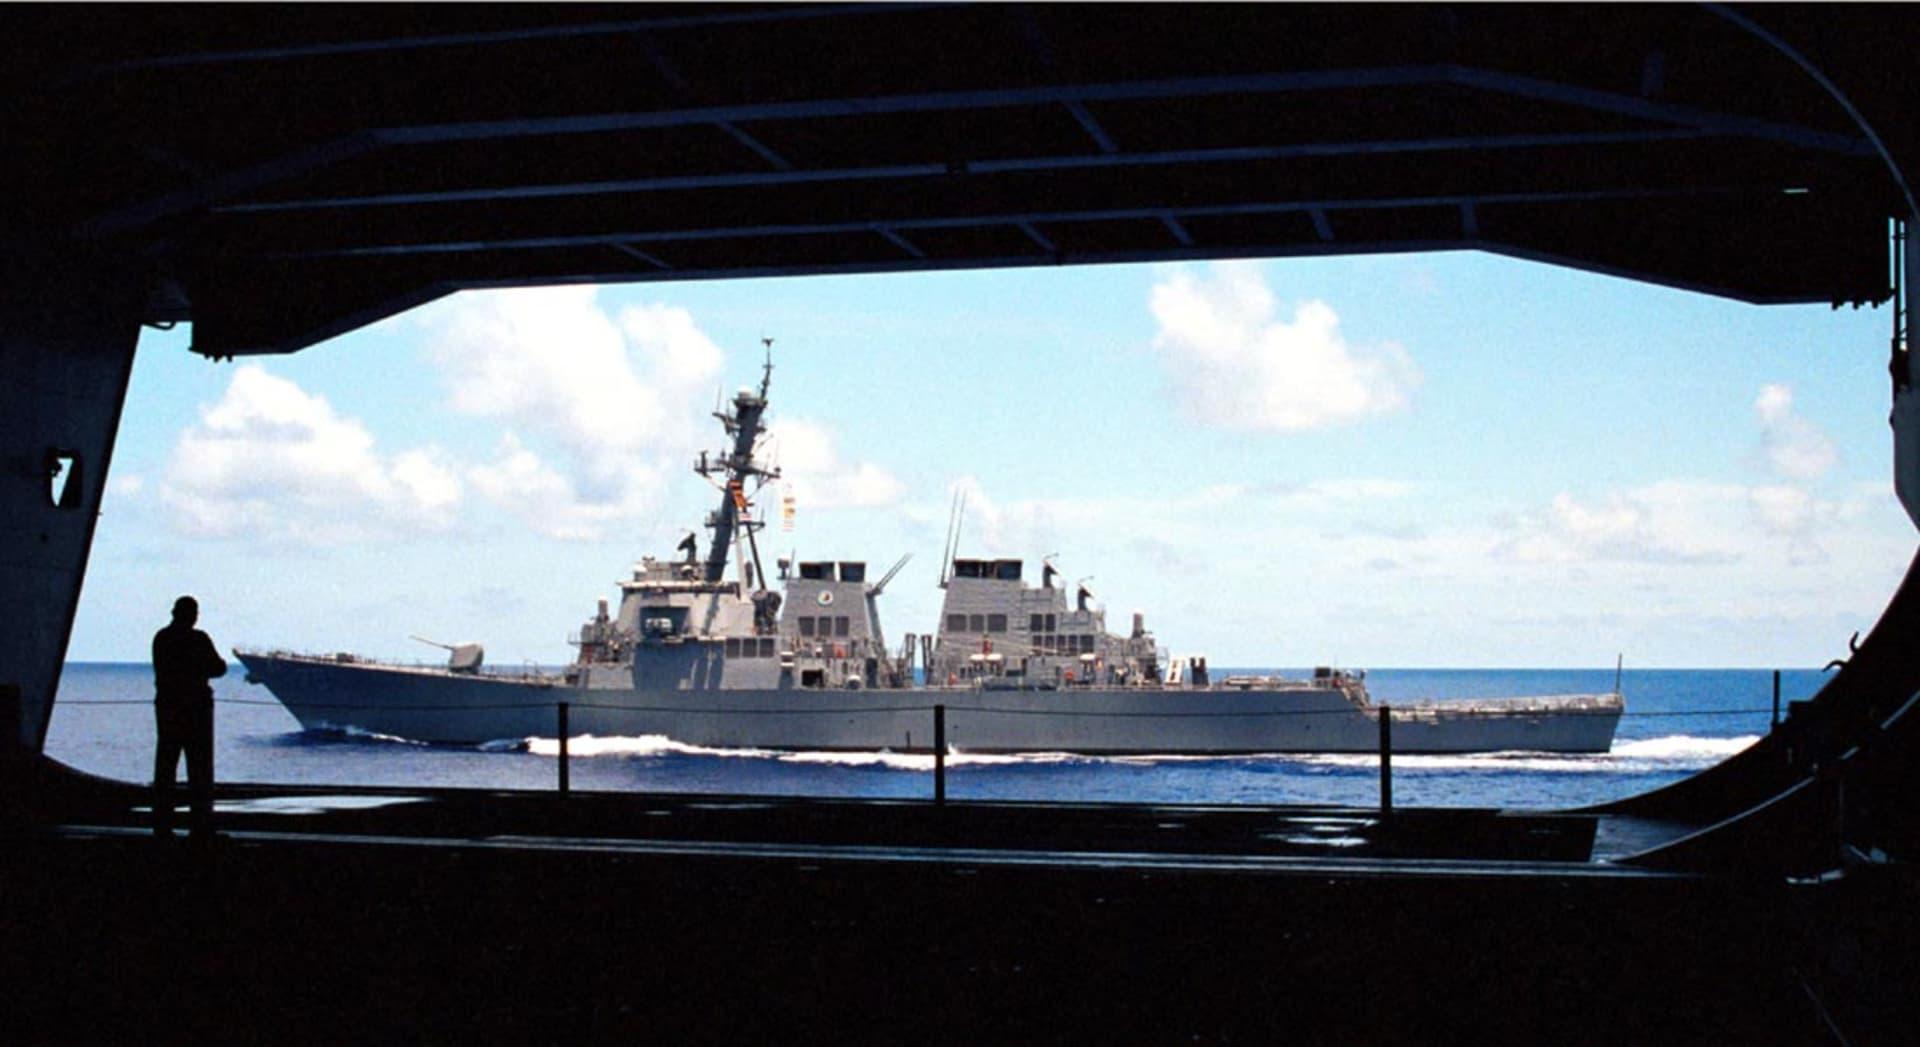 """مقاتلات روسية تحلق فوق مدمرة أمريكية بطريقة """"هجومية"""".. والبيت الأبيض: مخالفة لقواعد الجيوش"""